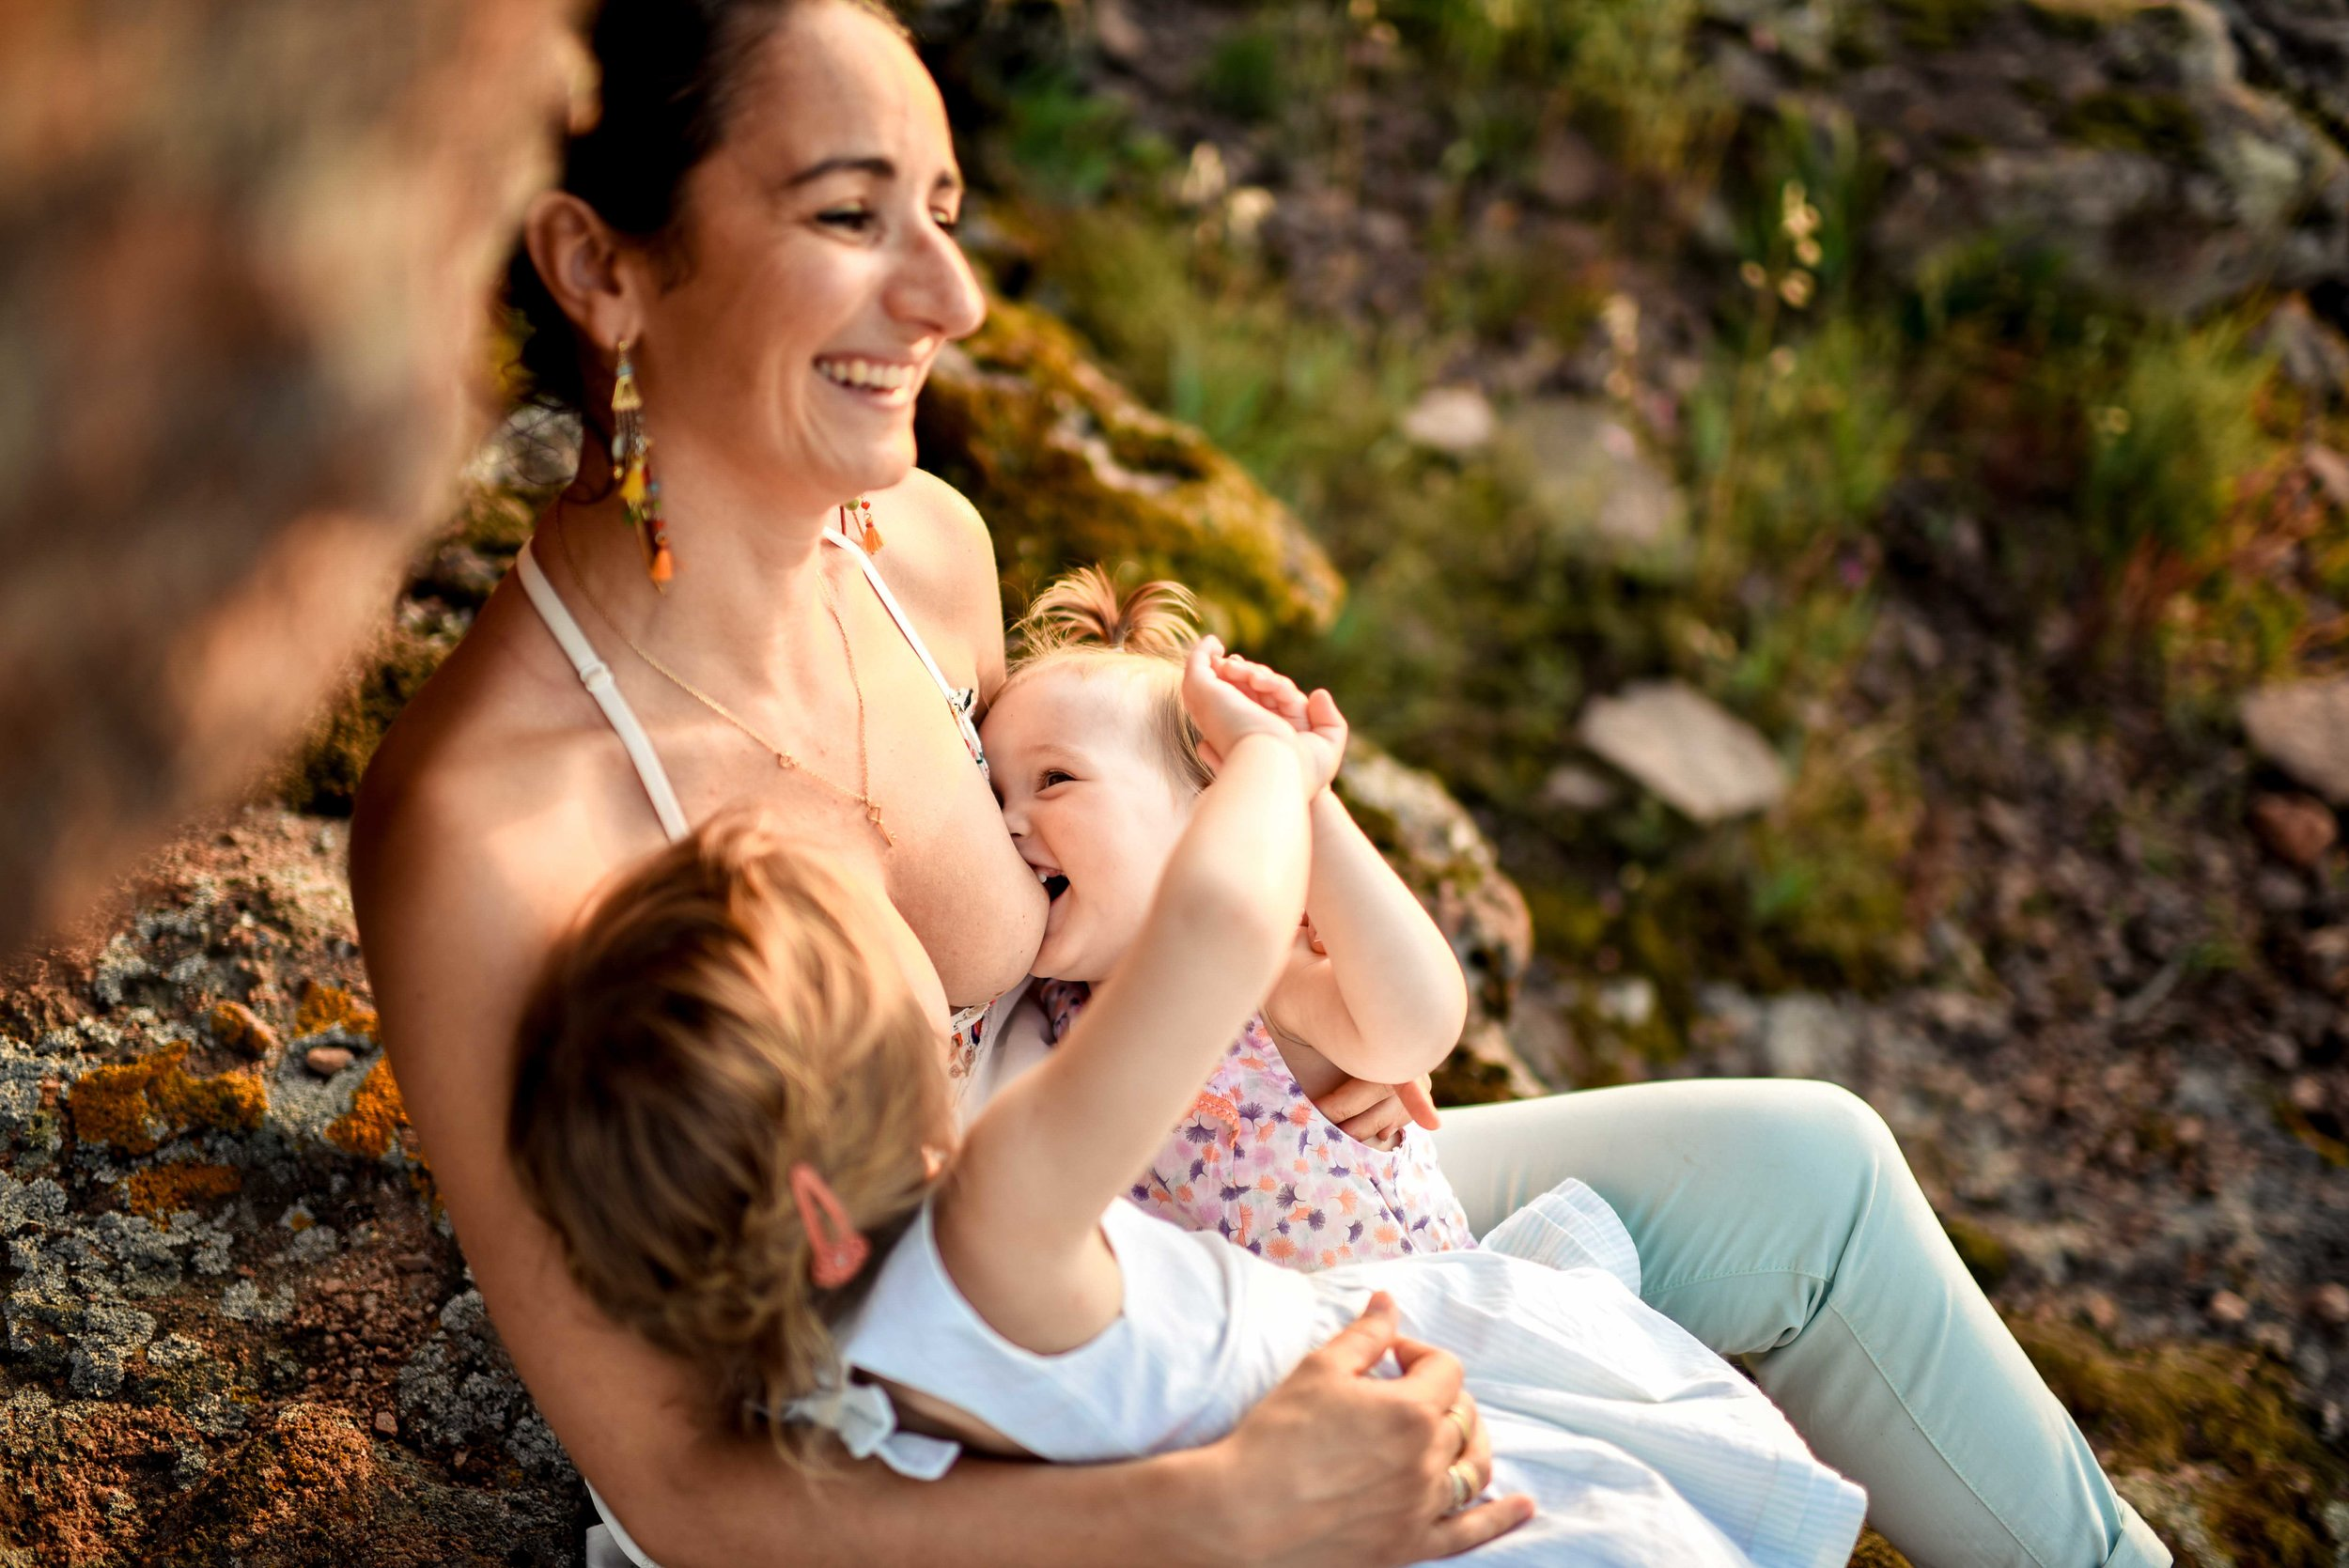 seance-photo-famille-naturelle-et-spontanee-7.jpg